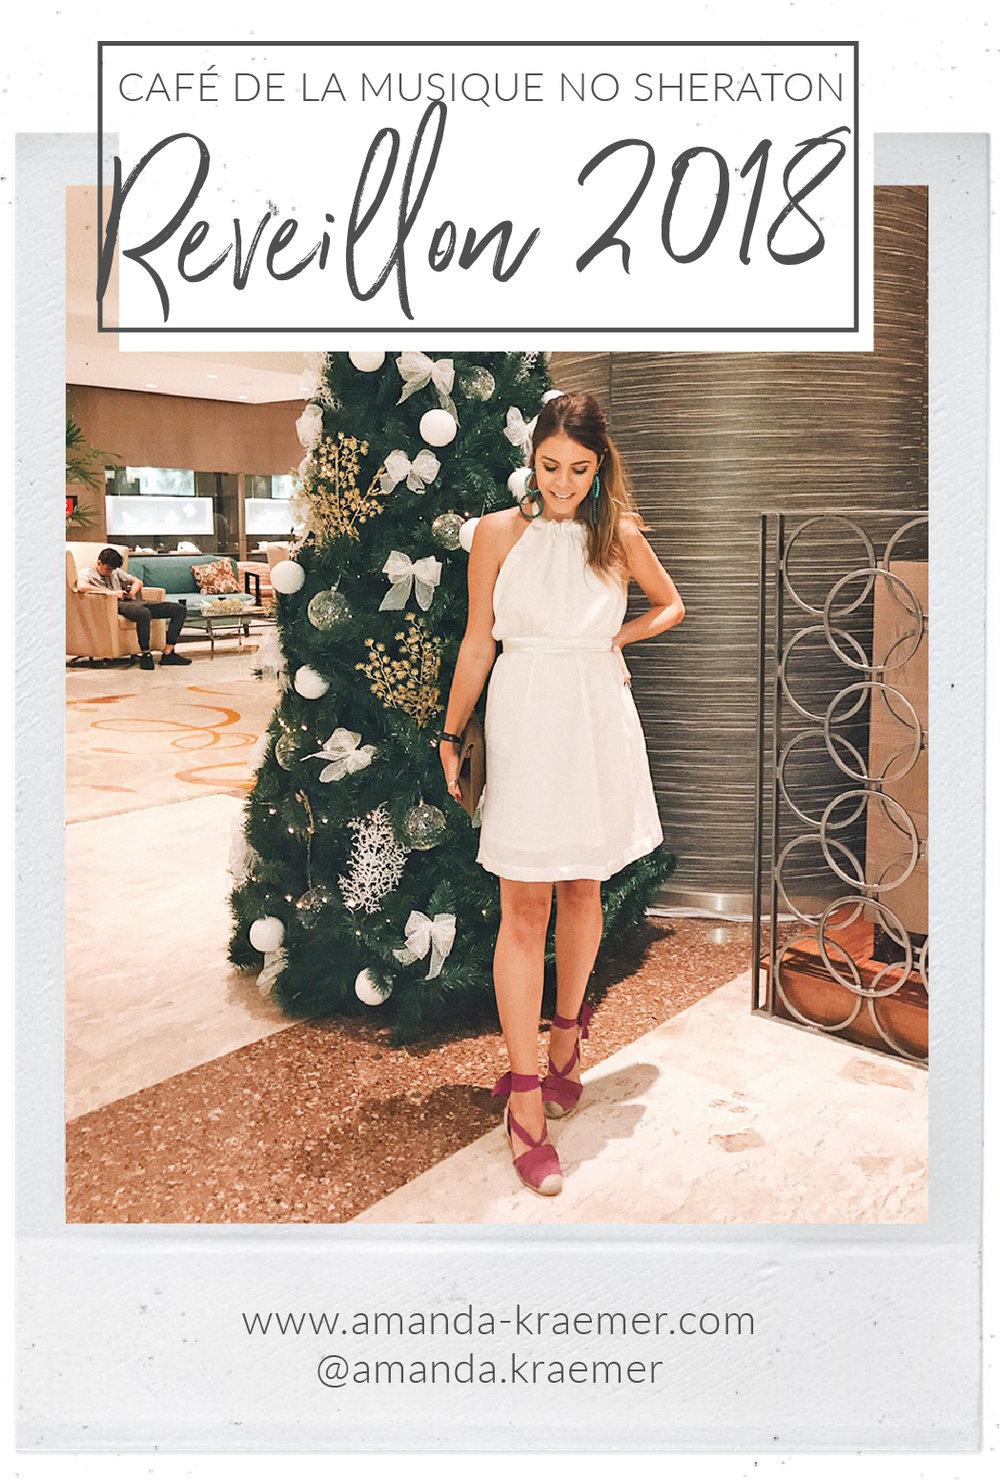 REVEILLON-2018-CAPA.jpg